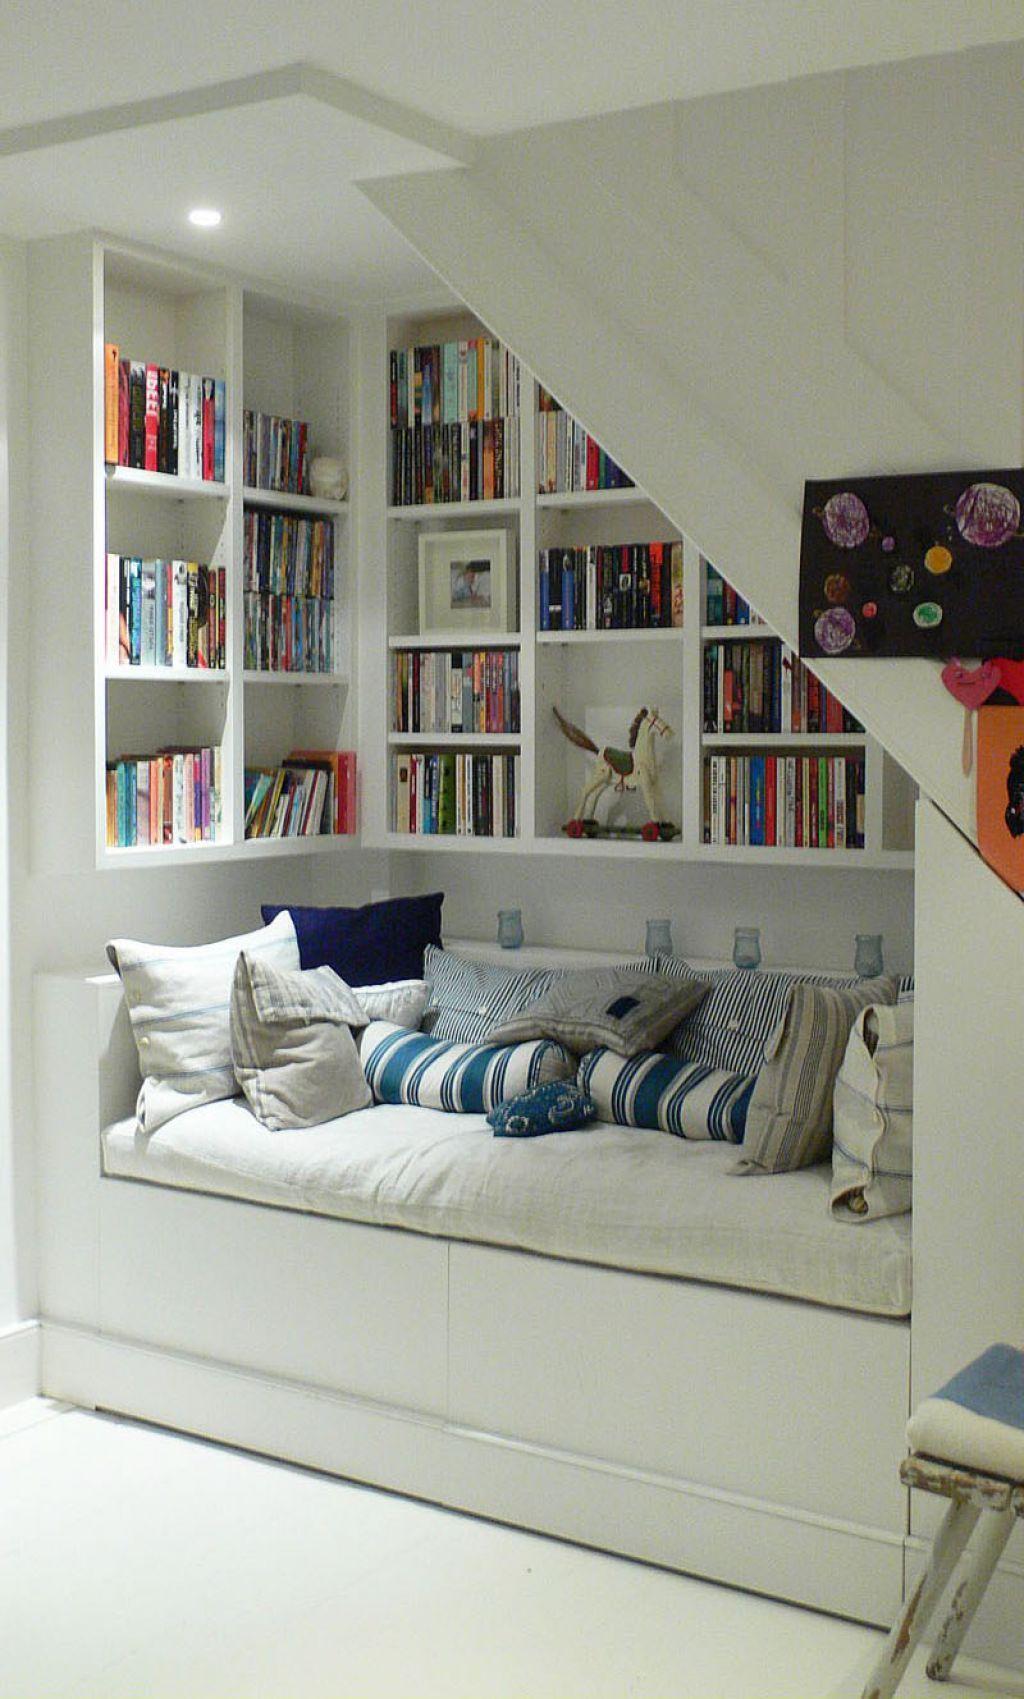 Gemütliche Leseecke: Bücherregal mit Sitzgelegenheit positioniert ...